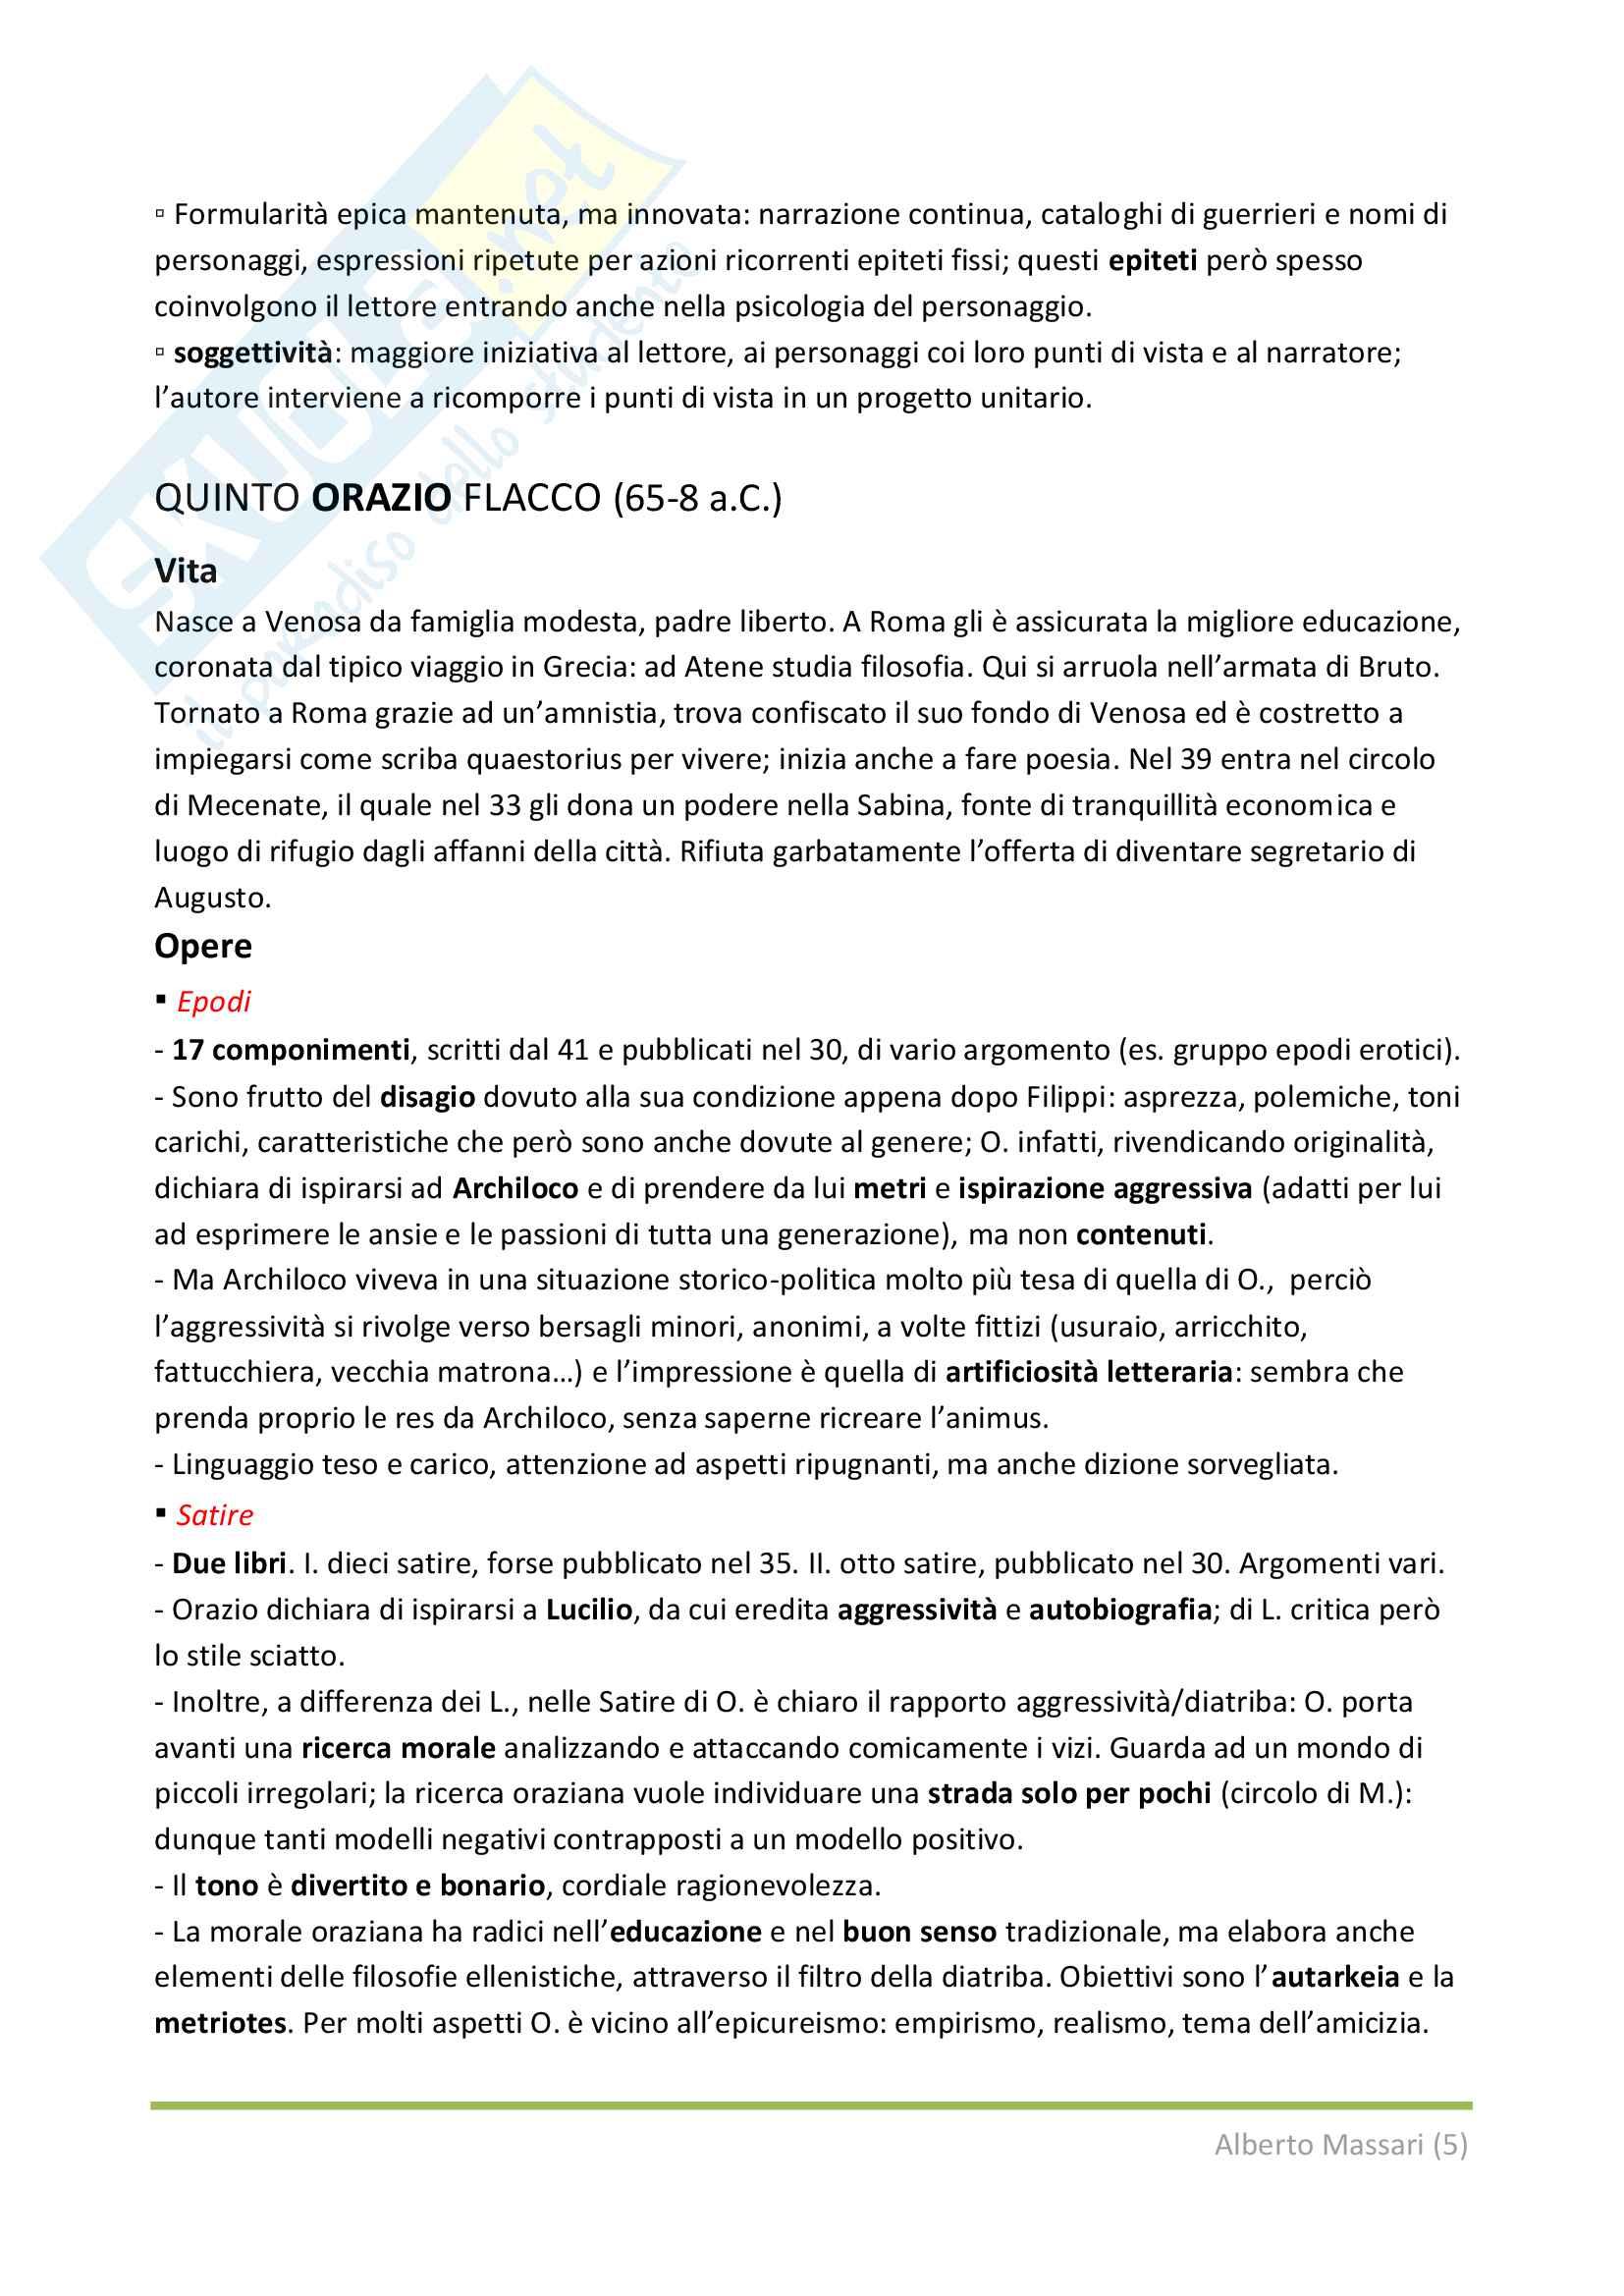 Riassunto esame letteratura latina, Prof. Silvia Stucchi, libri consigliati Conte, Pinezzola Pag. 21